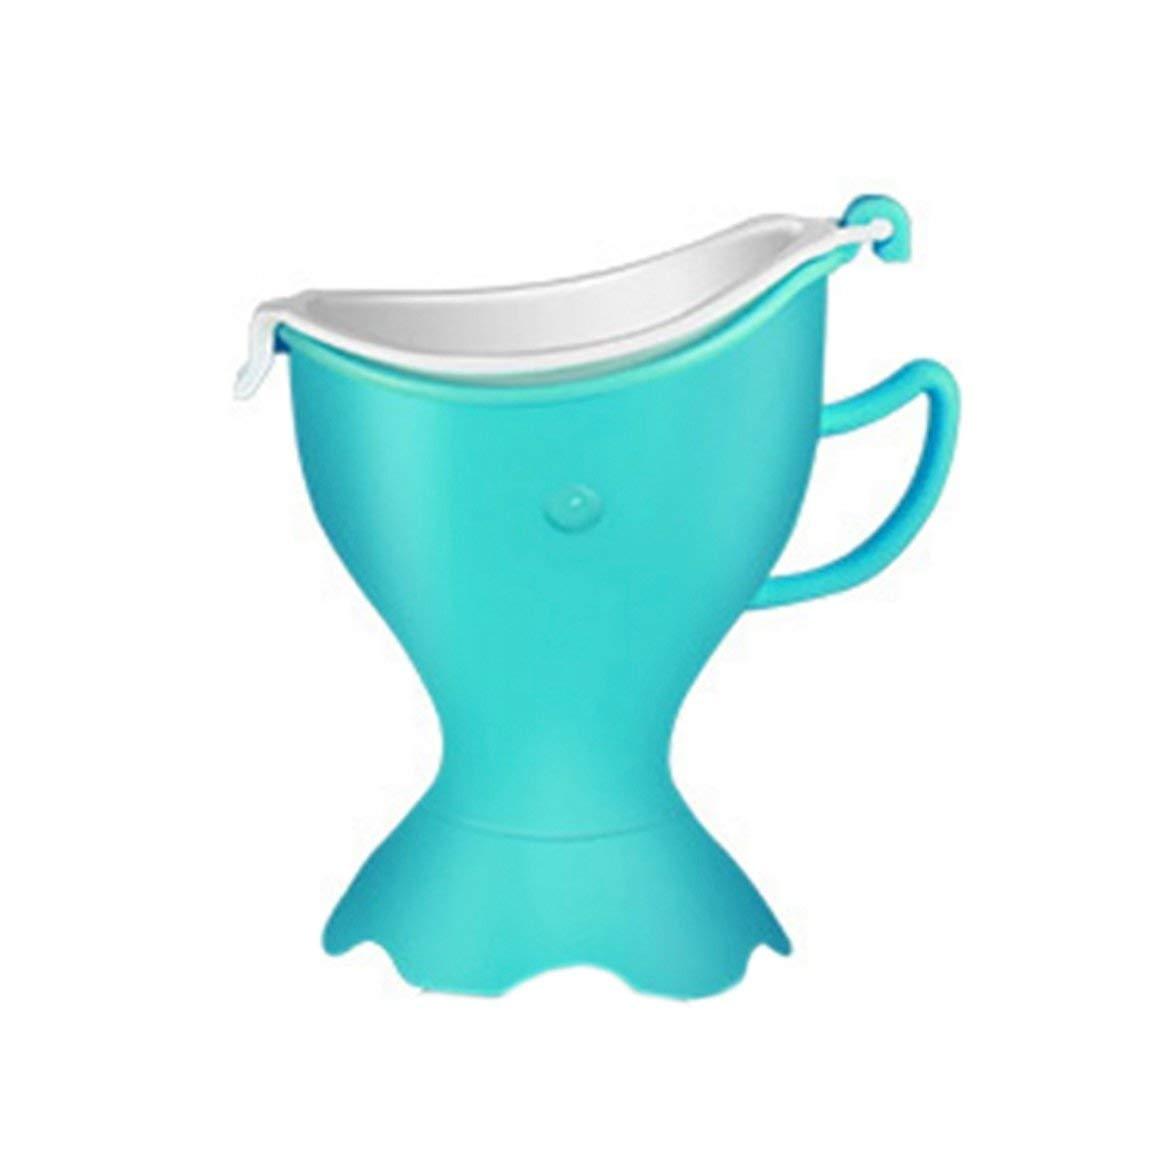 Funnyrunstore orinatoio portatile per bambini pratico vasino pipì campeggio auto toilette bambino unisex per uso domestico e viaggi non tossico non odore (colore: rosa)